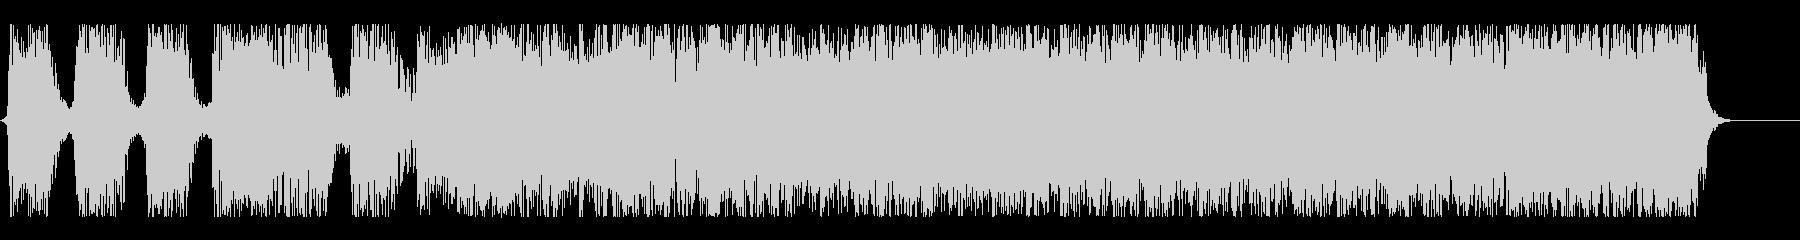 ハードコア風ショートサウンド#02の未再生の波形